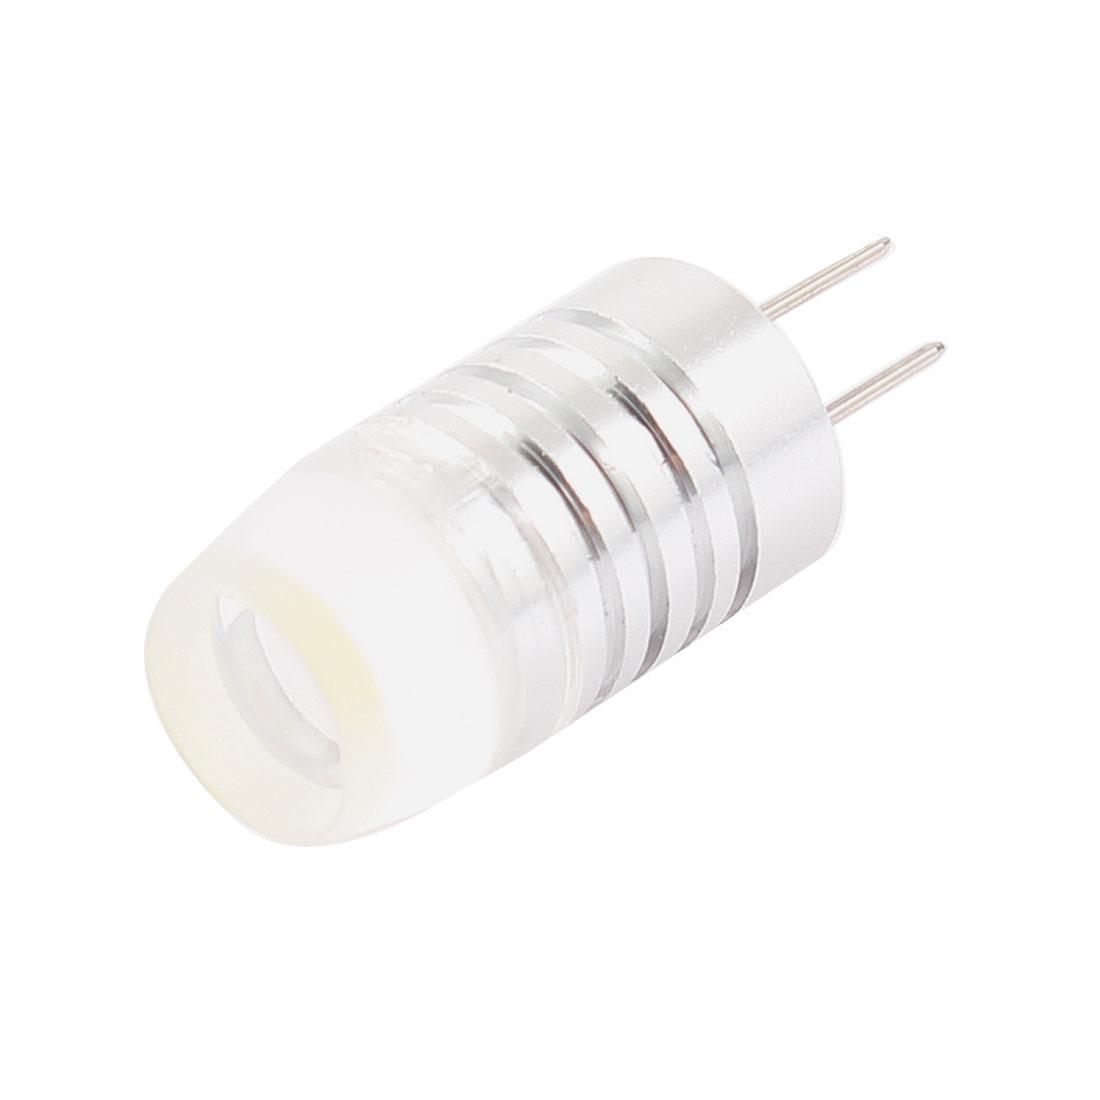 Aluminum Alloy Housing 1.5W G4 LED SMD White Spot Light Bulb AC 85-265V